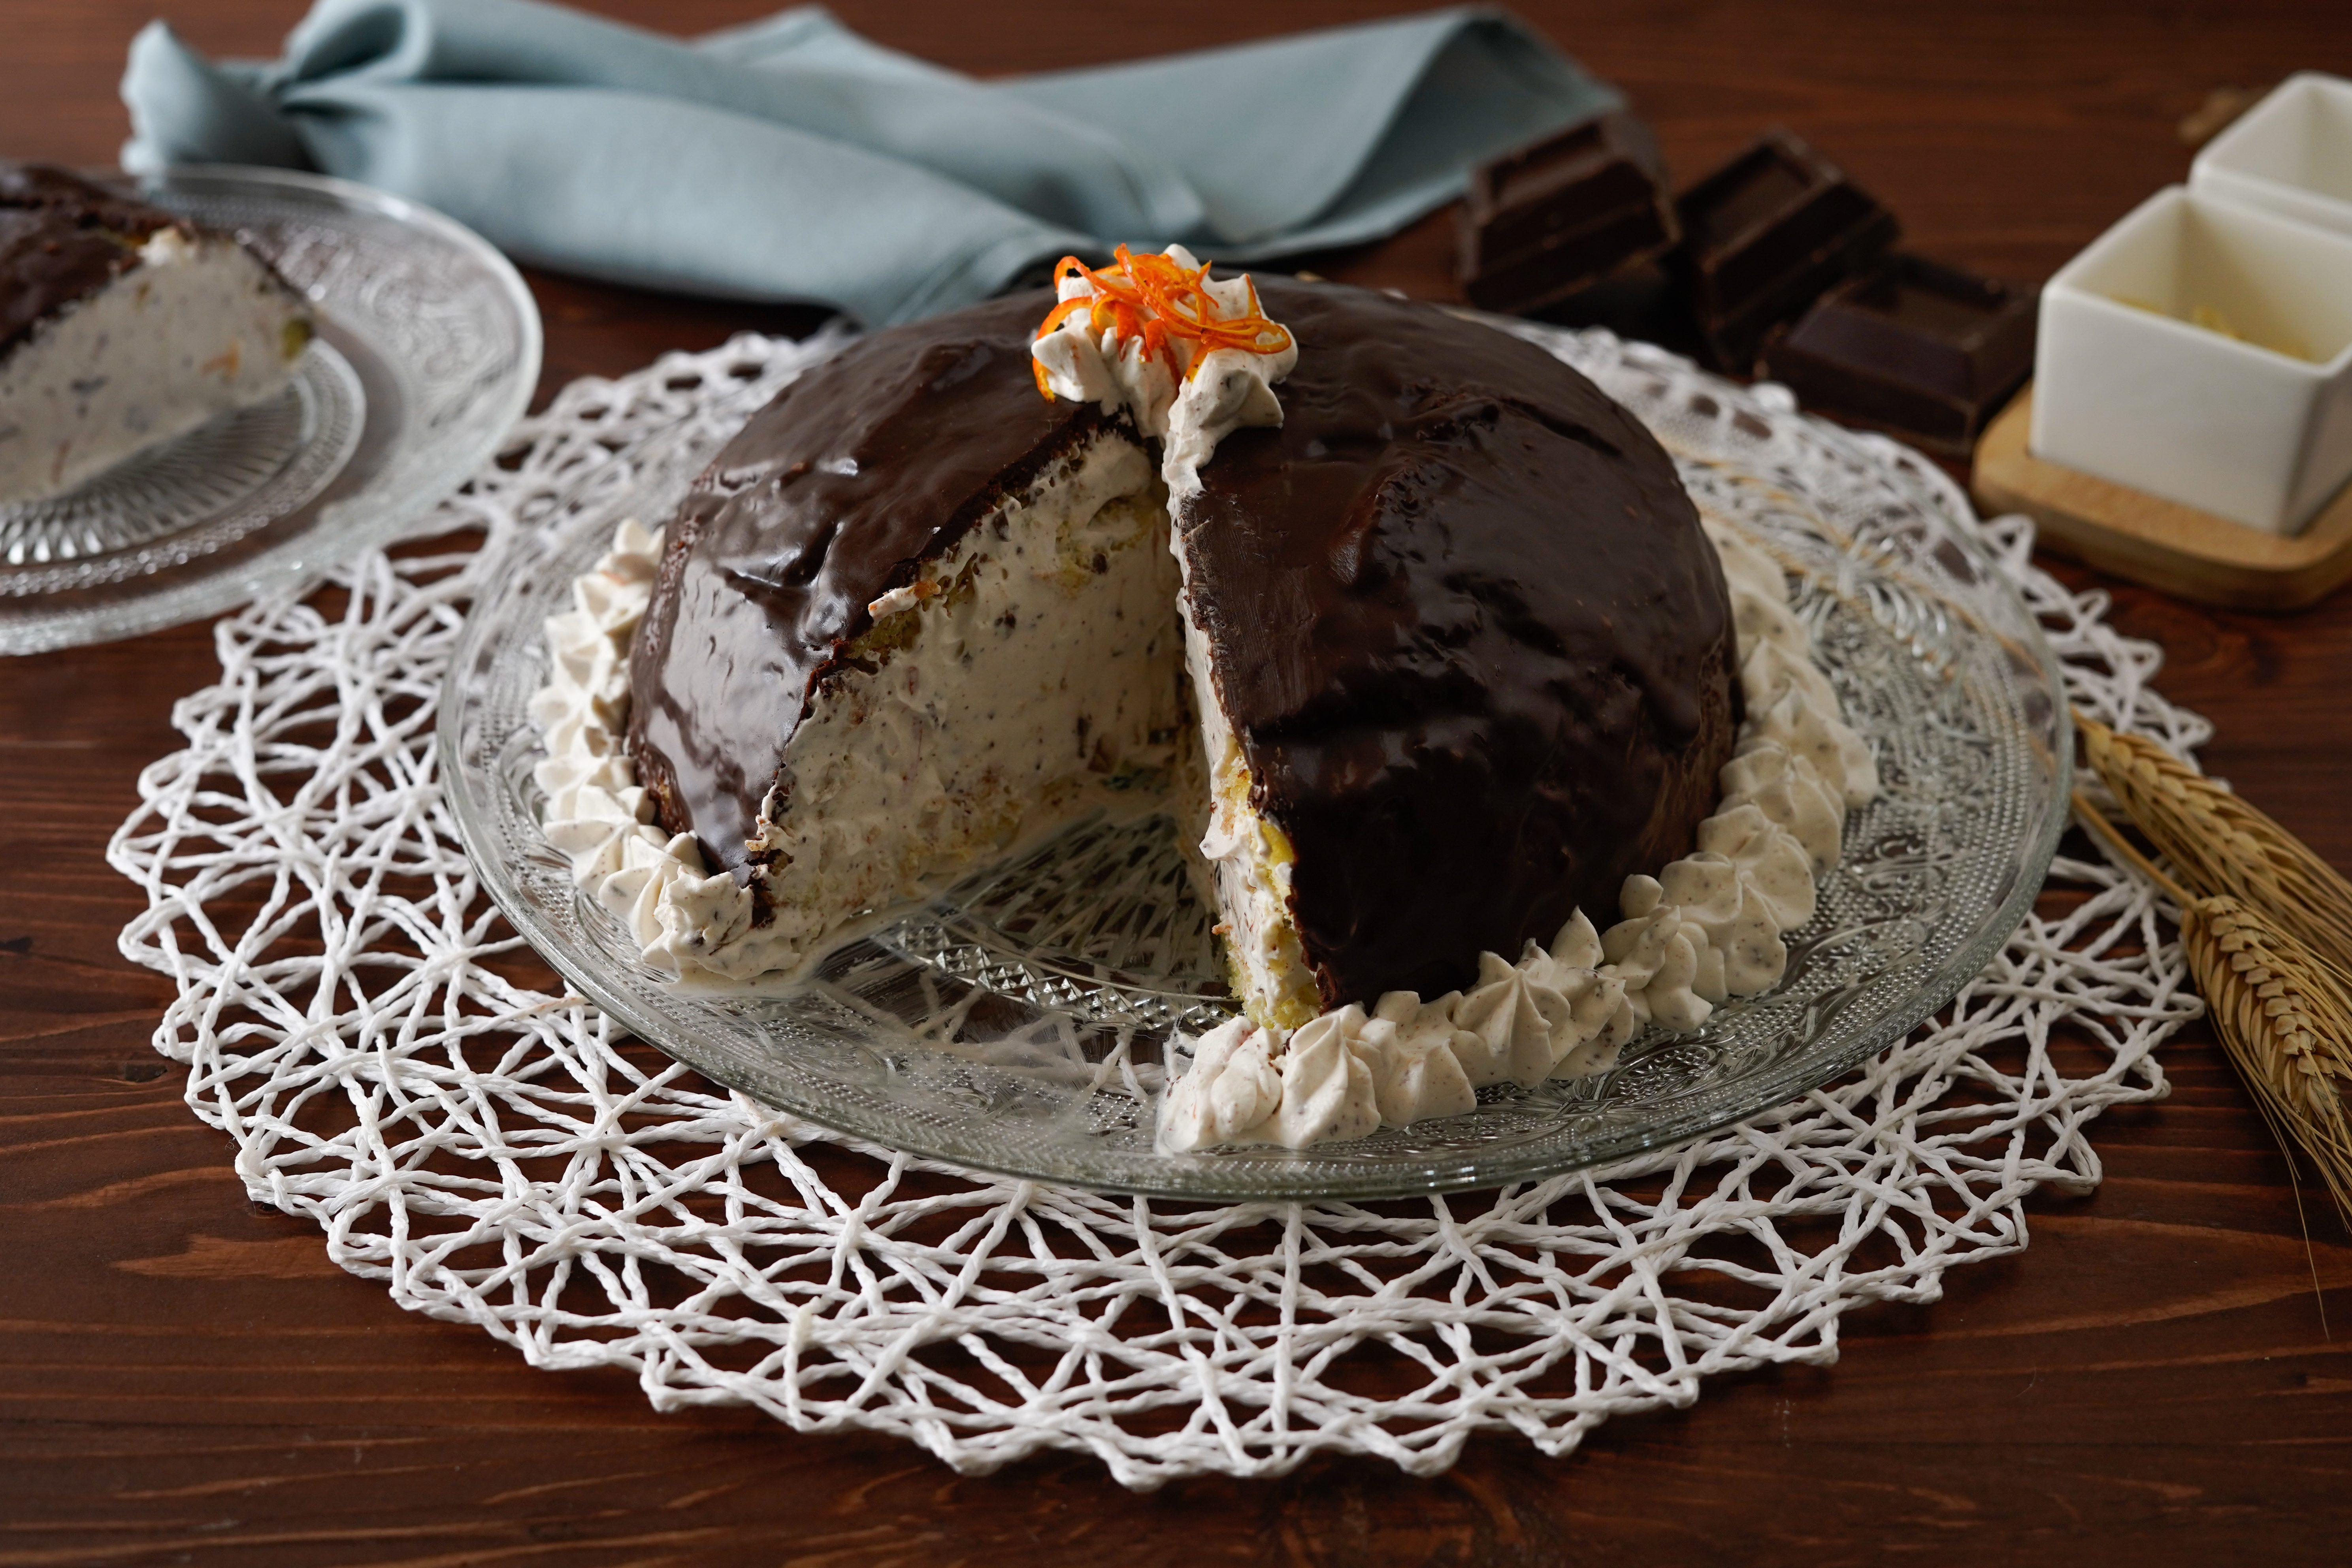 Zuccotto pasquale: la ricetta del dolce tipico siciliano ricco e goloso